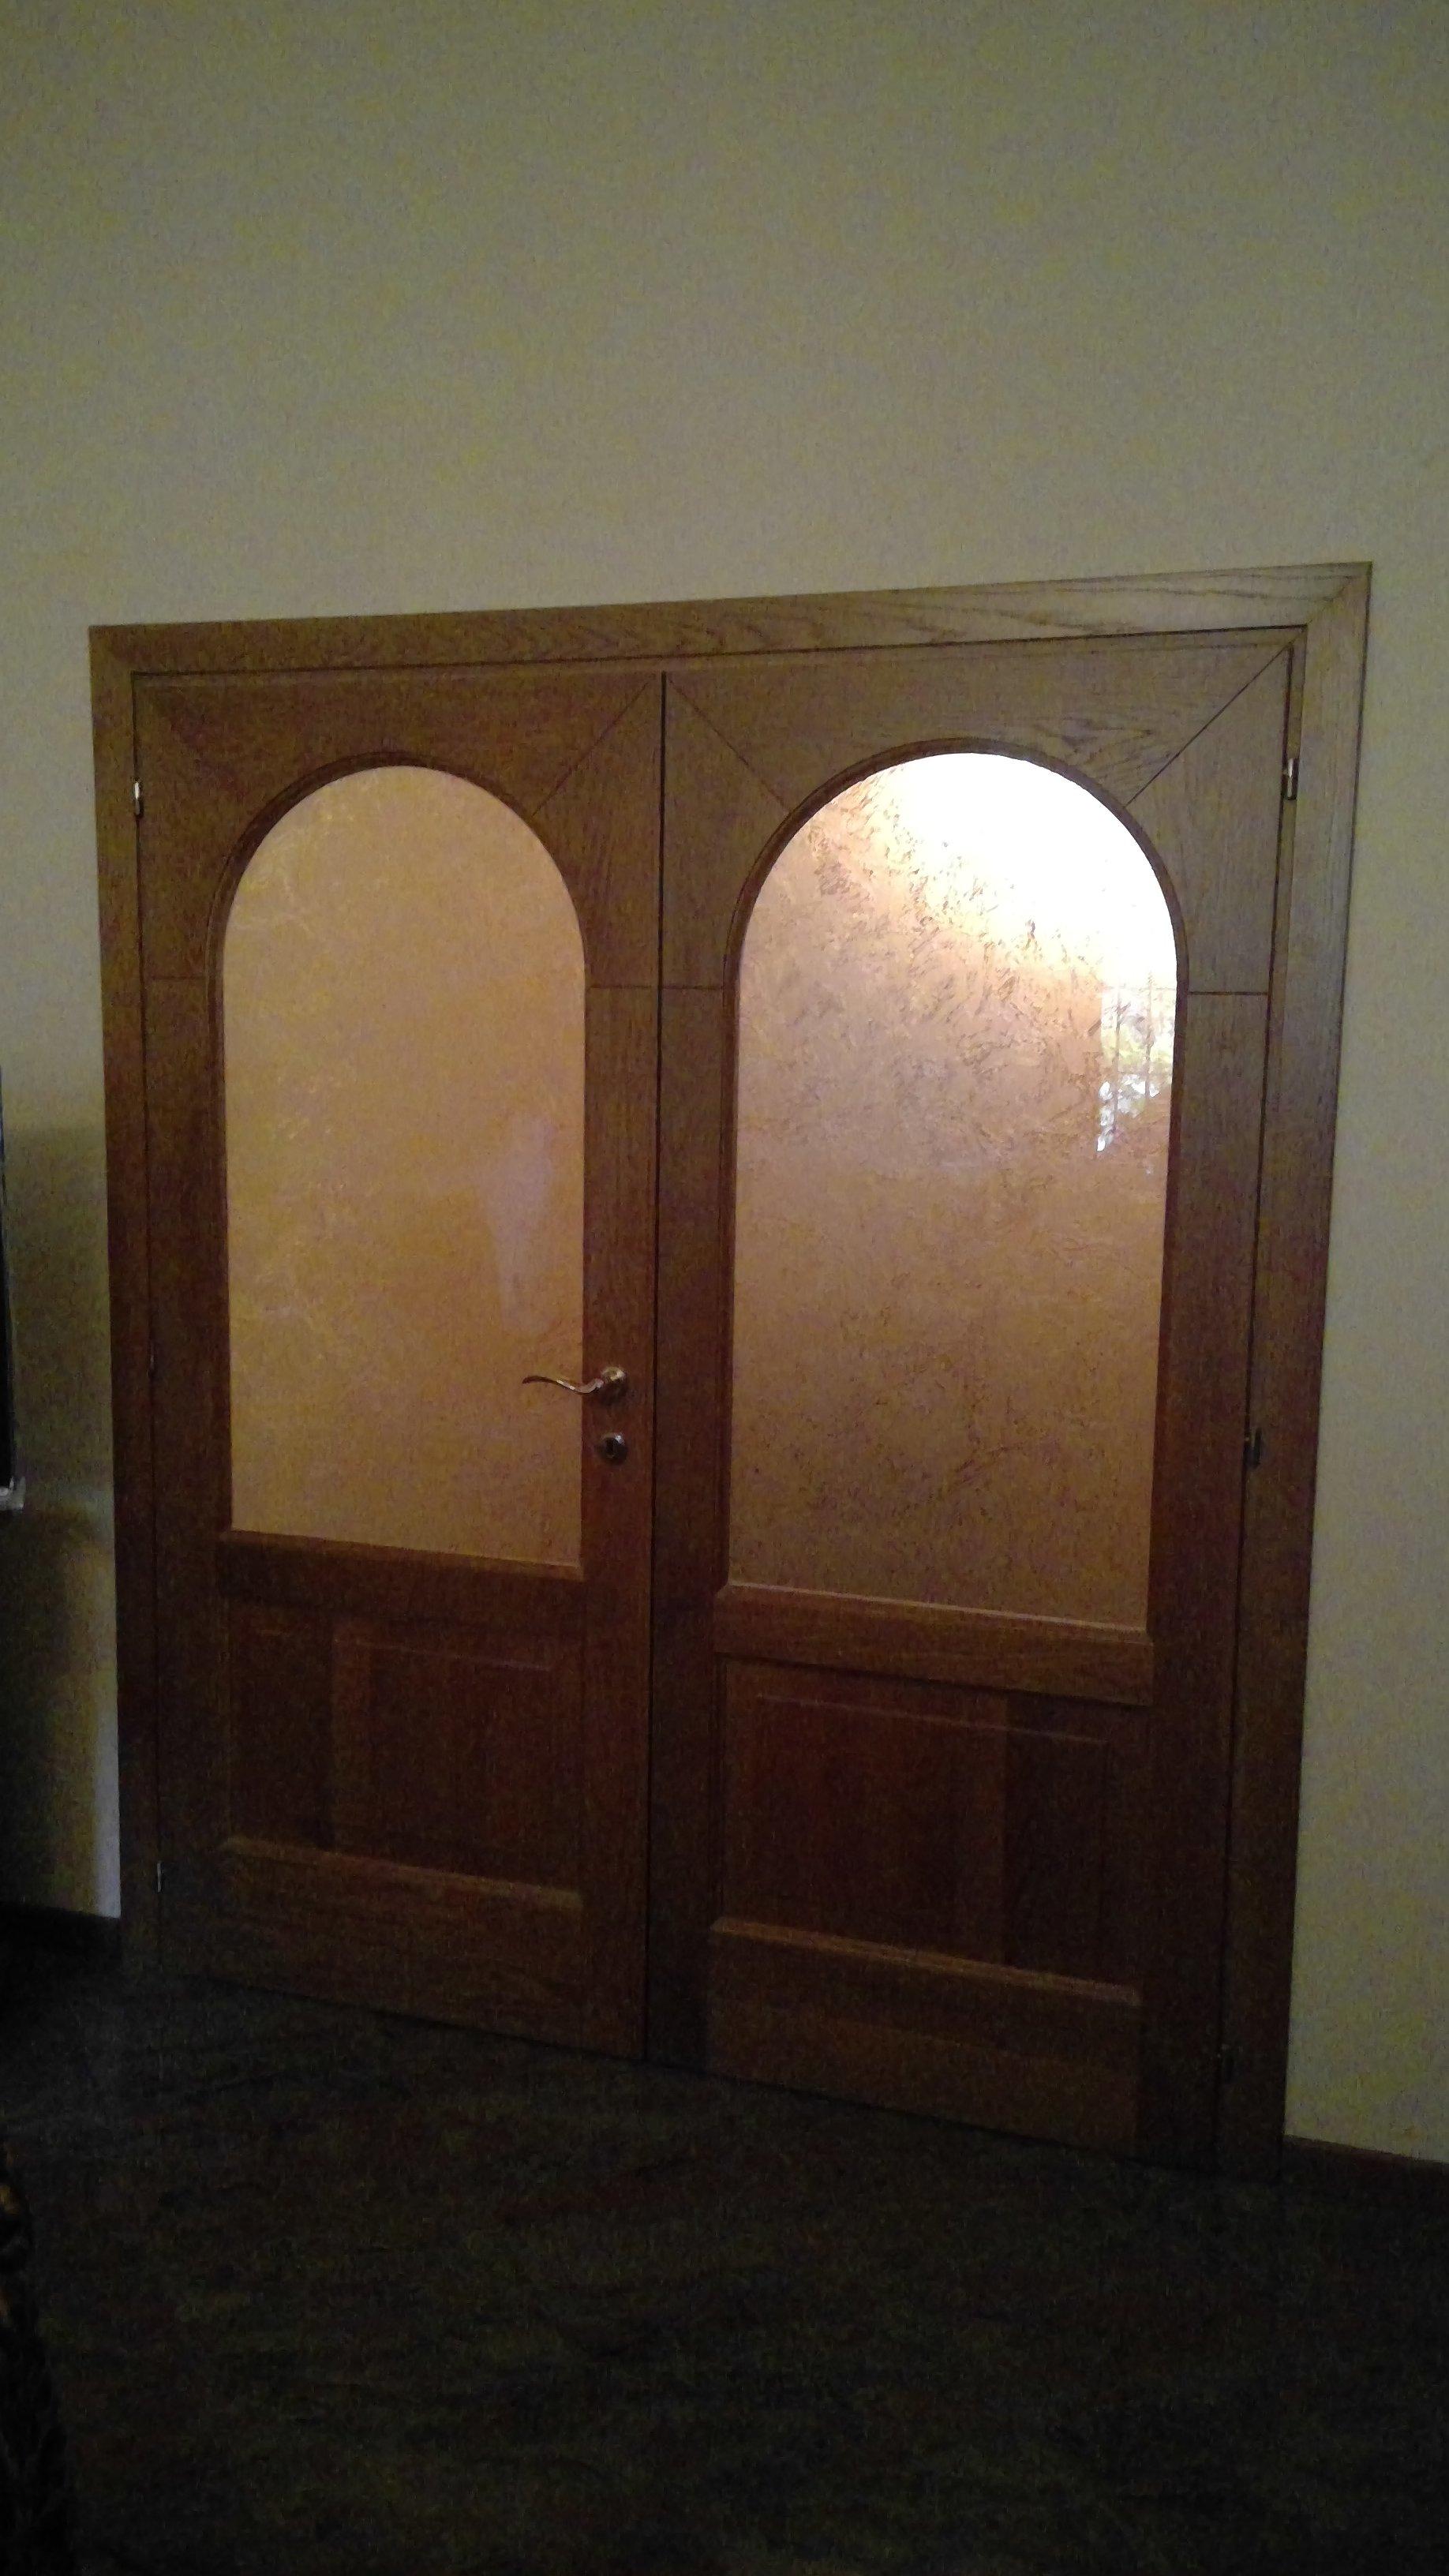 Porta interna in legno con due vetri